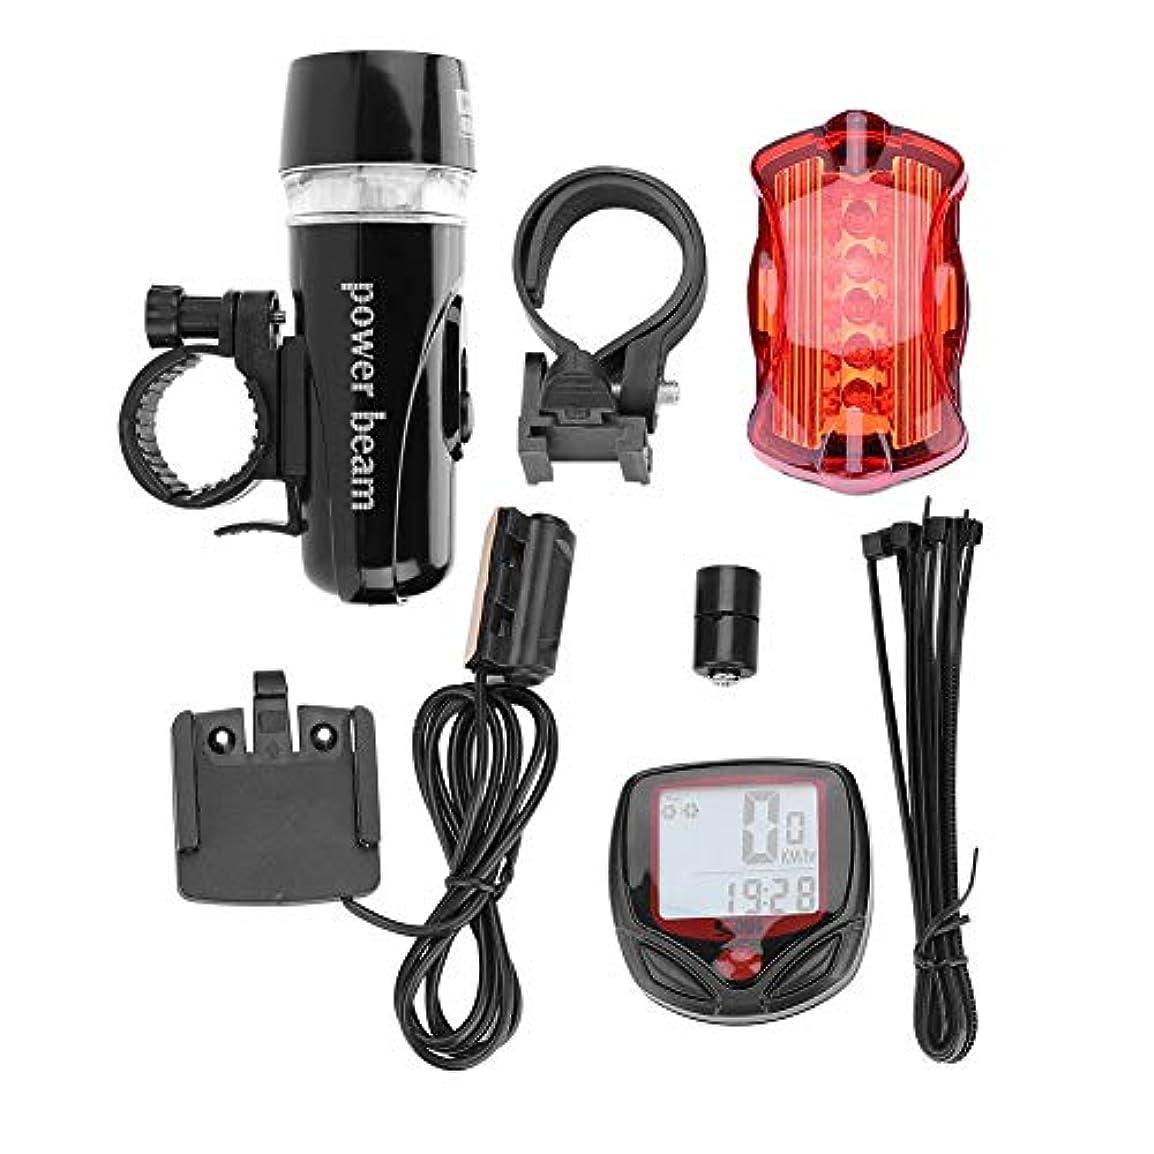 自転車ライトライト バイクテールライト 自転車フロントリアライトセット 高輝度 防水 多用途 防振 懐中電灯 防災対策